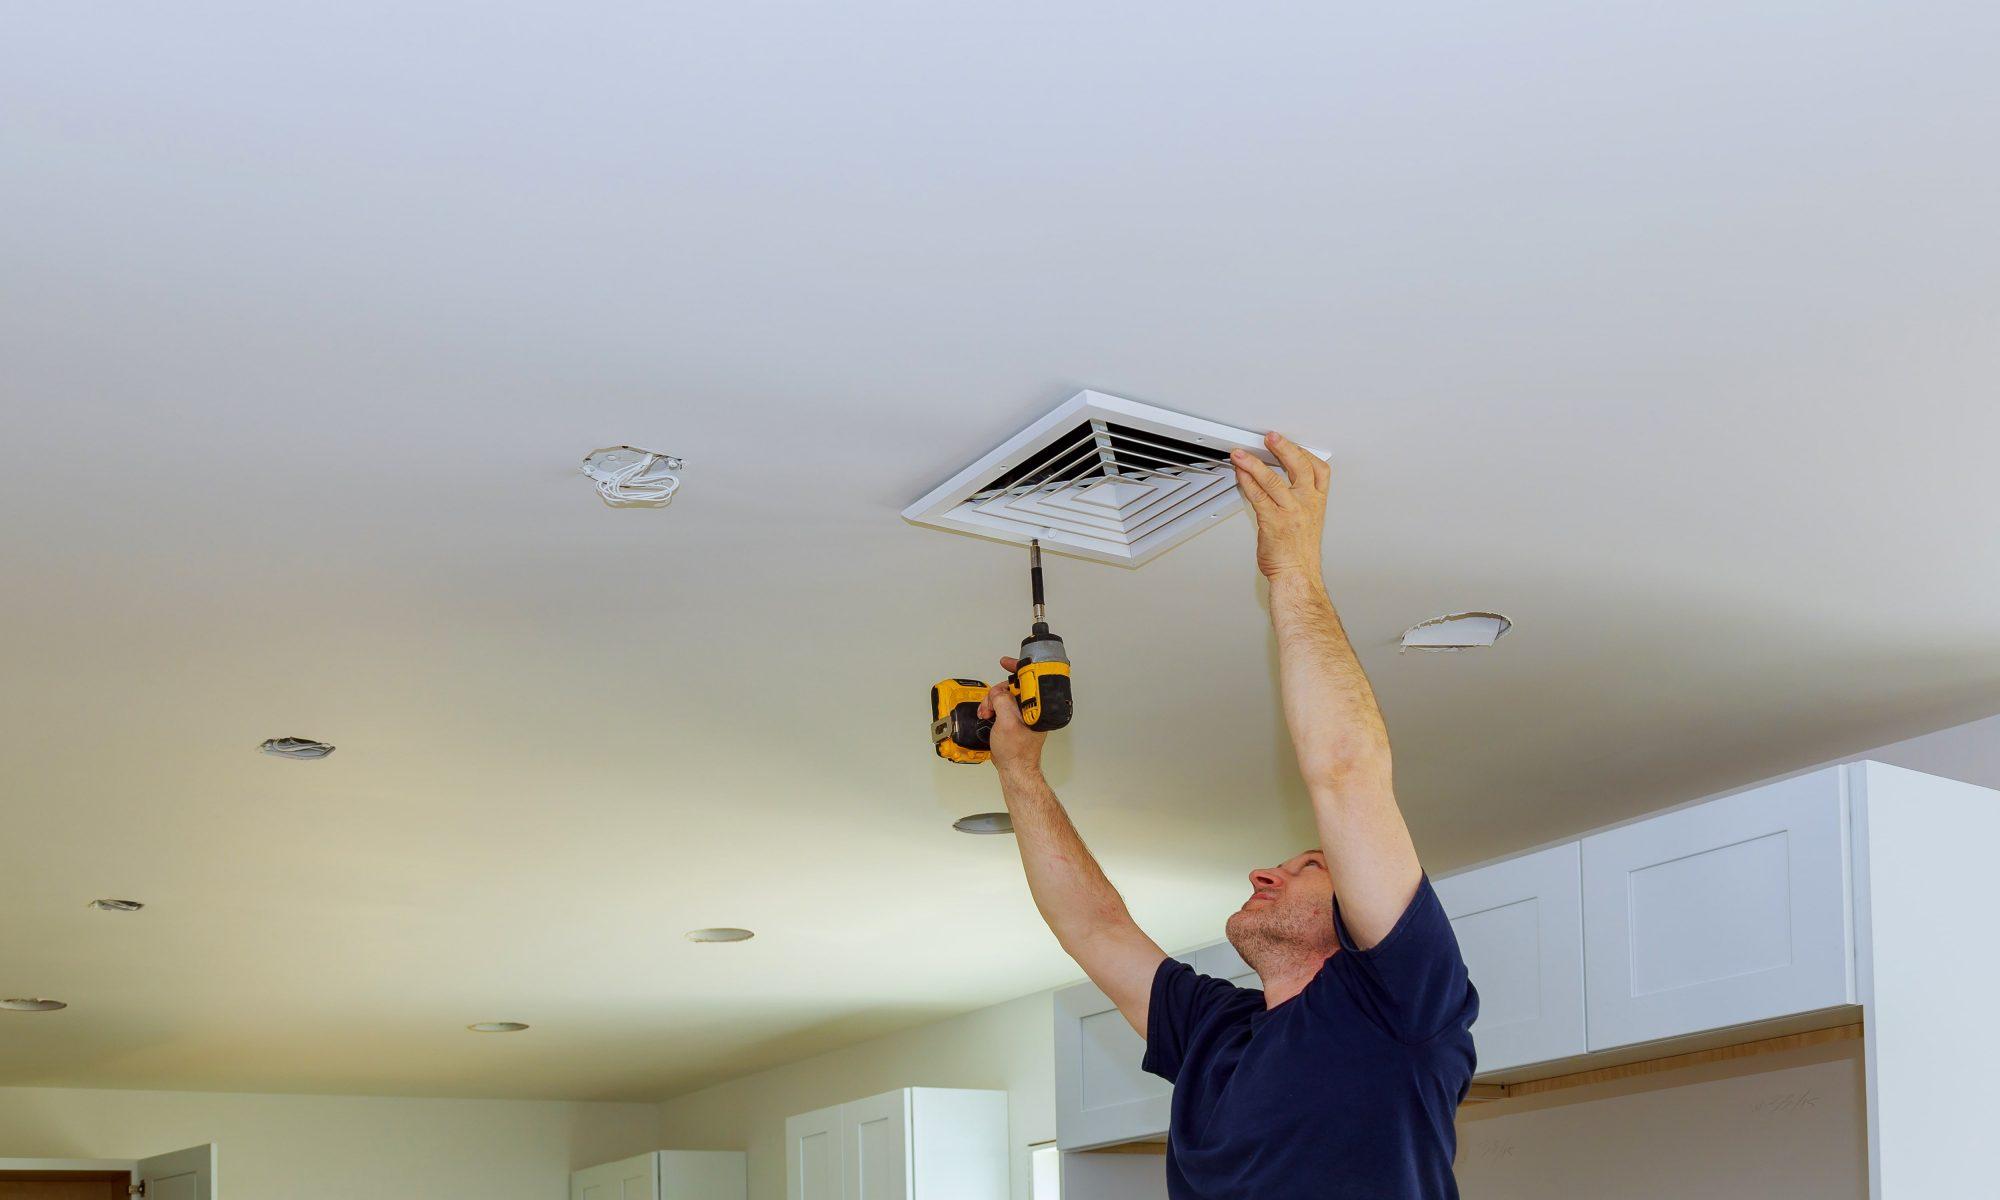 How to fix HVAC air flow